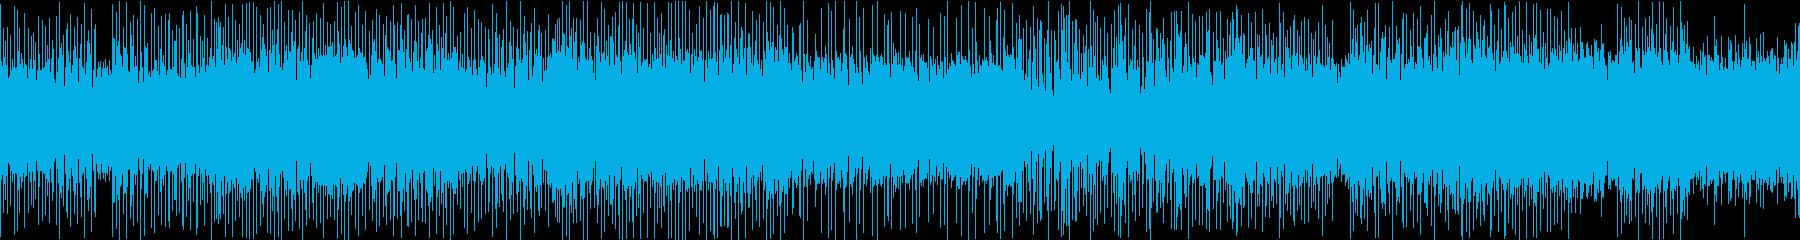 ★緊迫感のあるクールなEDMの再生済みの波形